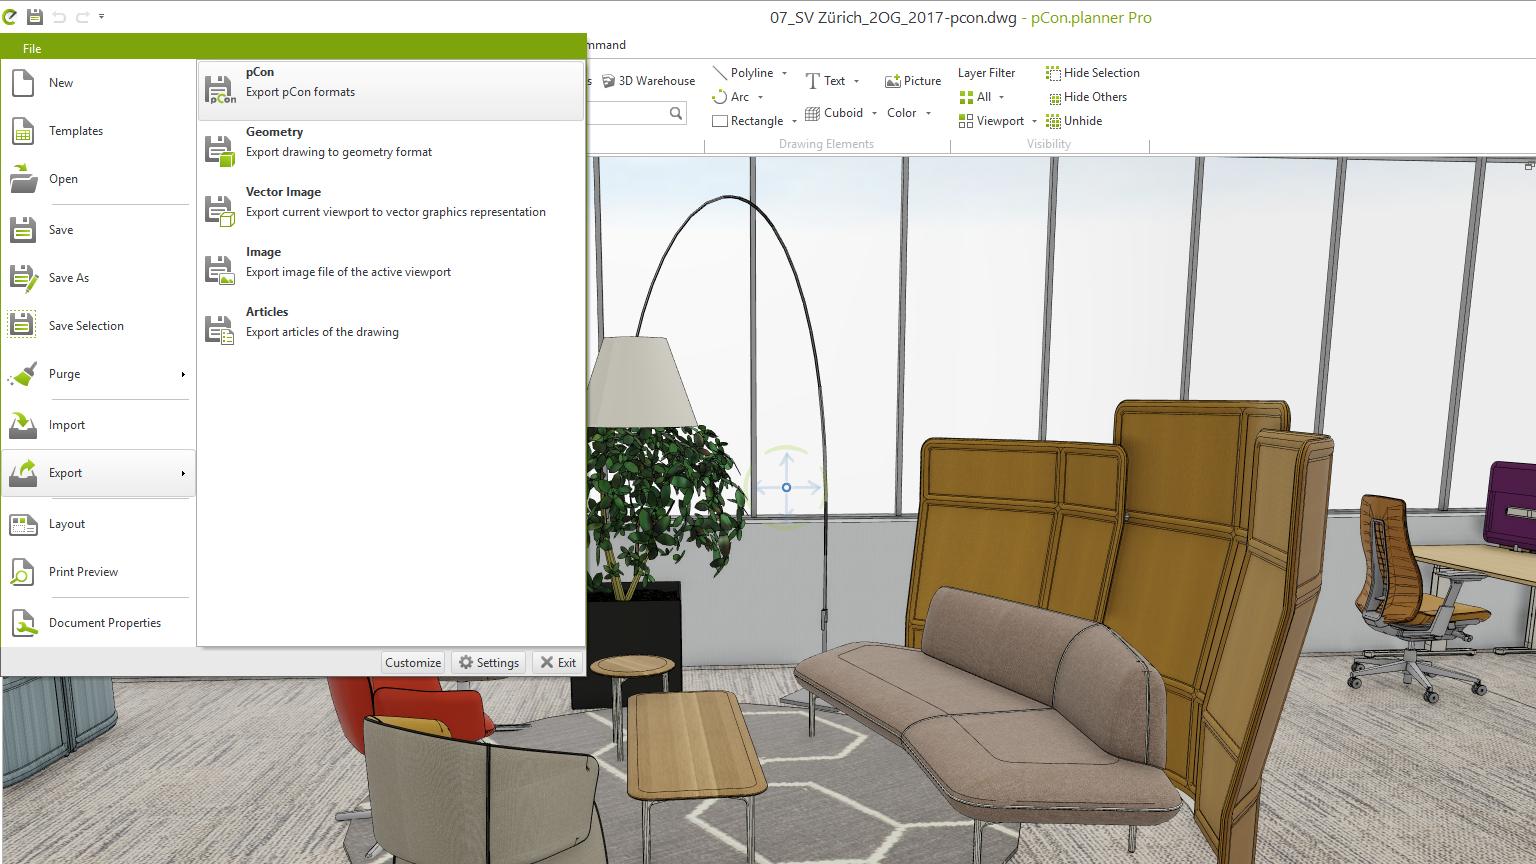 pCon.planner: Prezentare rapidă și ușoară a modelelor 3D proiect pCon.planner impress design interior amenajari